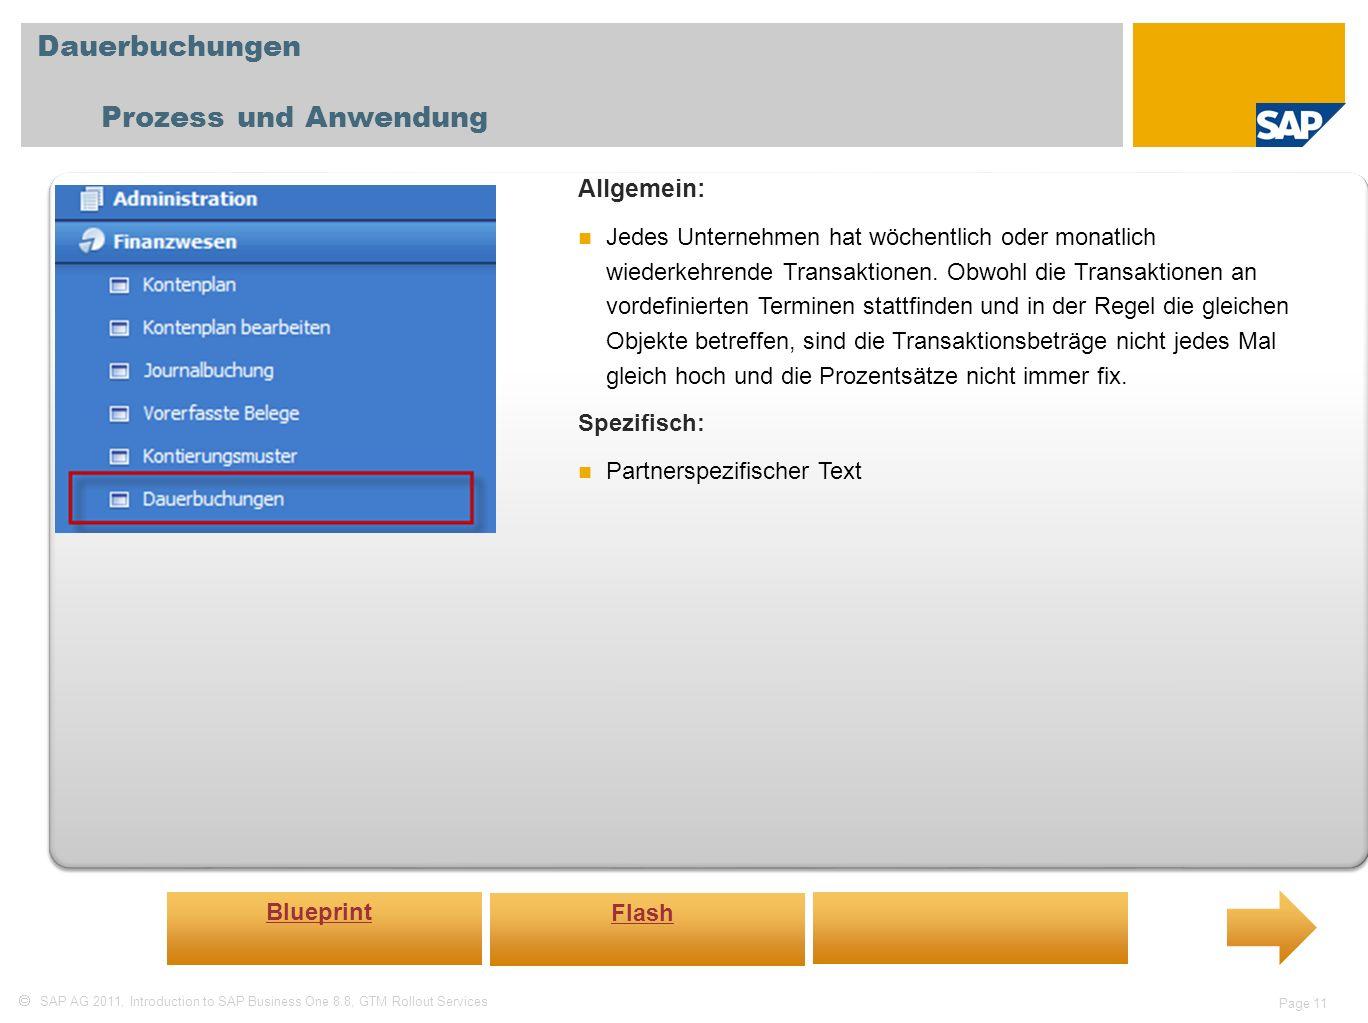 SAP AG 2011, Introduction to SAP Business One 8.8, GTM Rollout Services Page 11 Dauerbuchungen Prozess und Anwendung Allgemein: Jedes Unternehmen hat